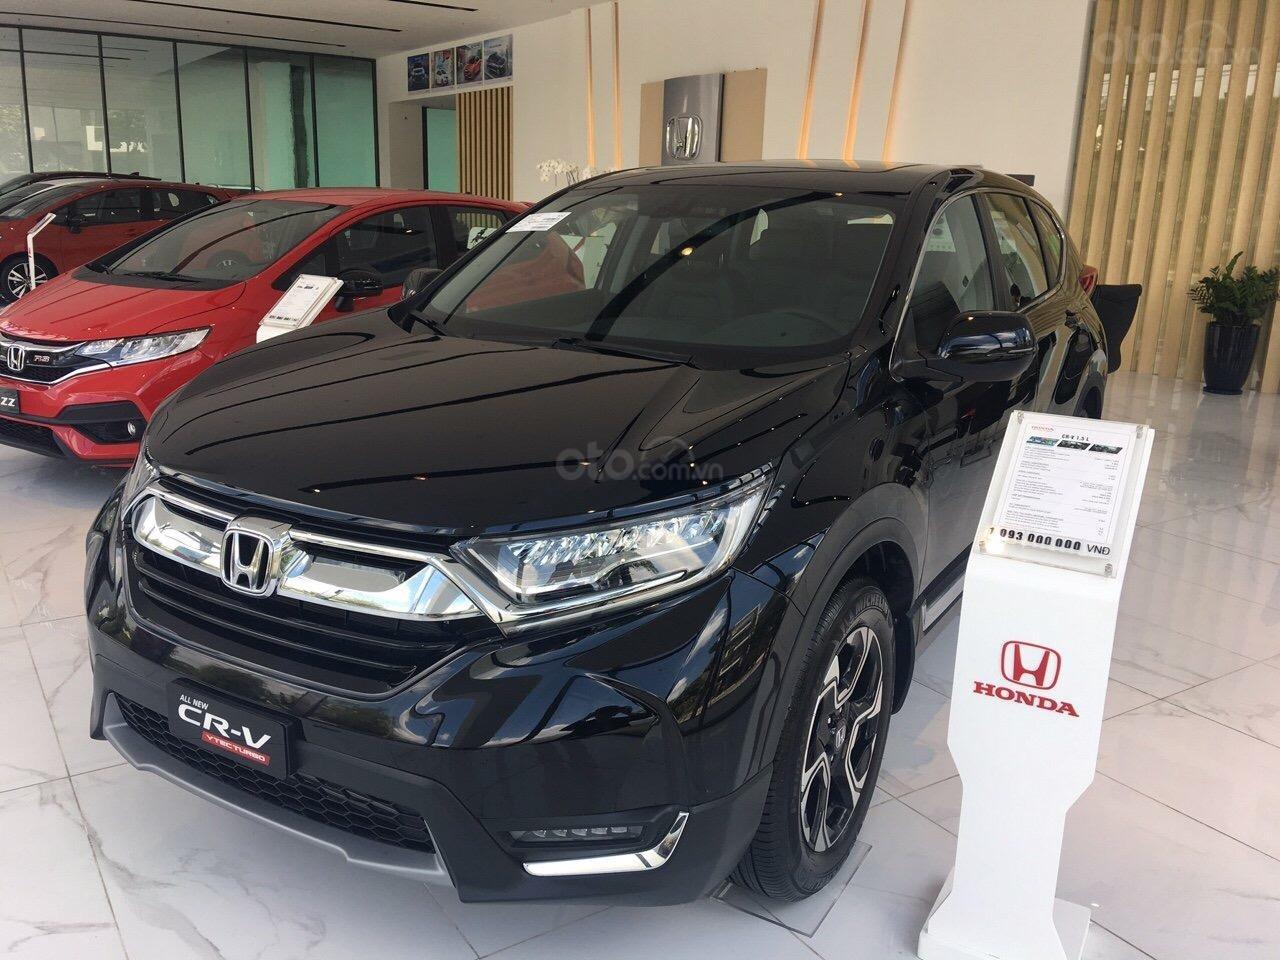 Honda CRV L đen - mới 100%, xe giao tháng 5, LH 0909.615.944 để nhận báo giá tốt nhất-2